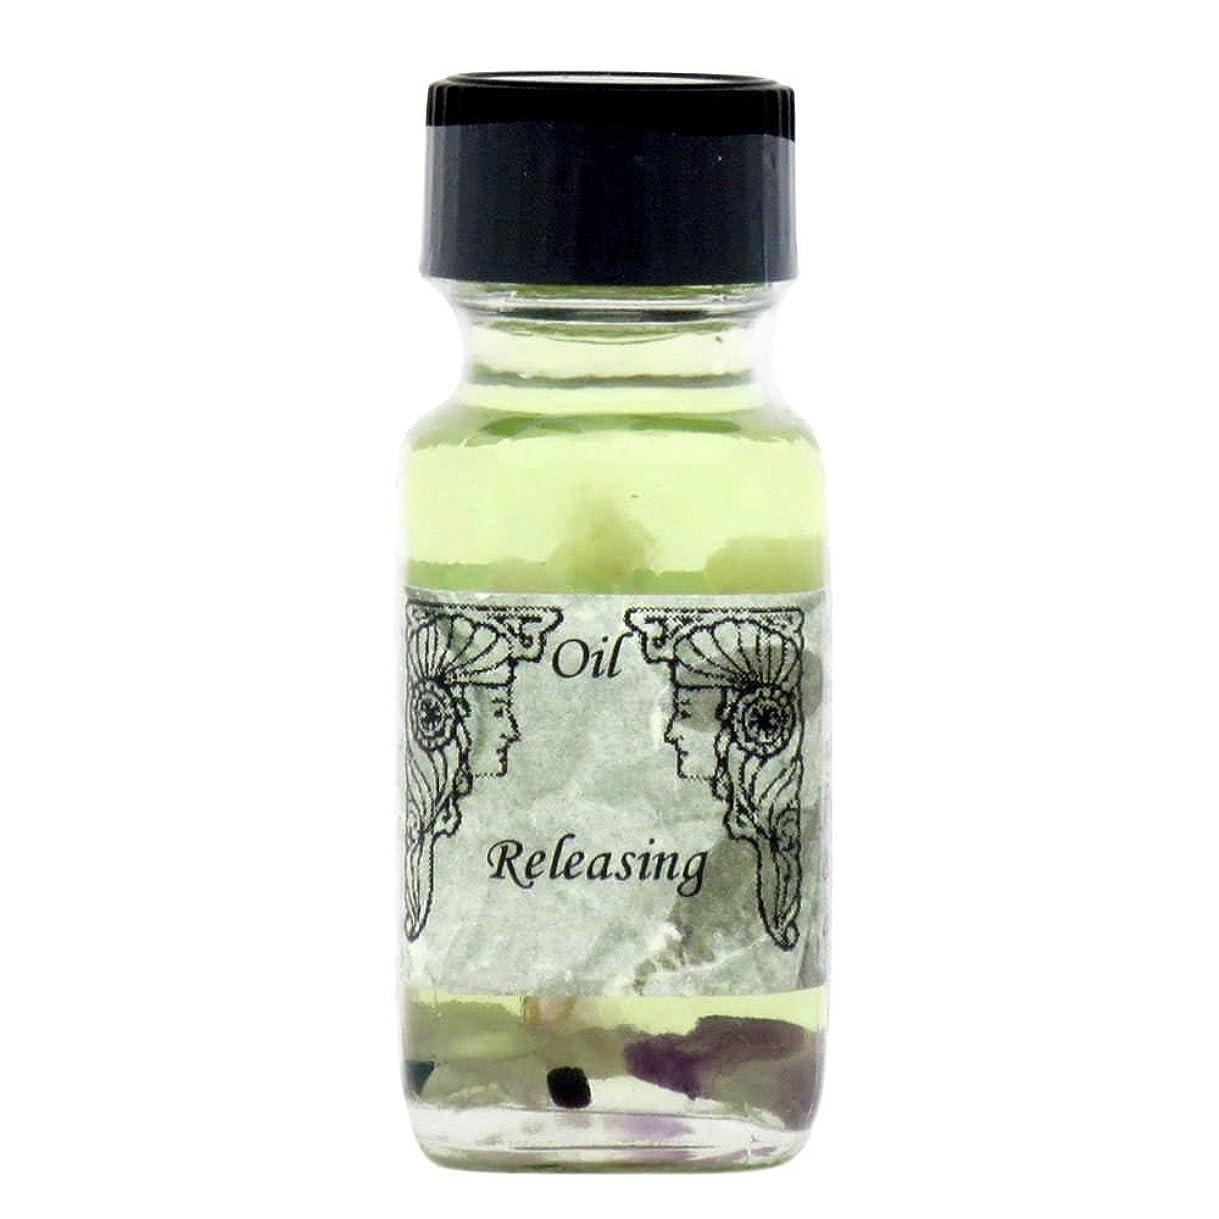 マークガレージ逆説アンシェントメモリーオイル Releasing (手放し) 2015年新作 15ml (Ancient Memory Oils)